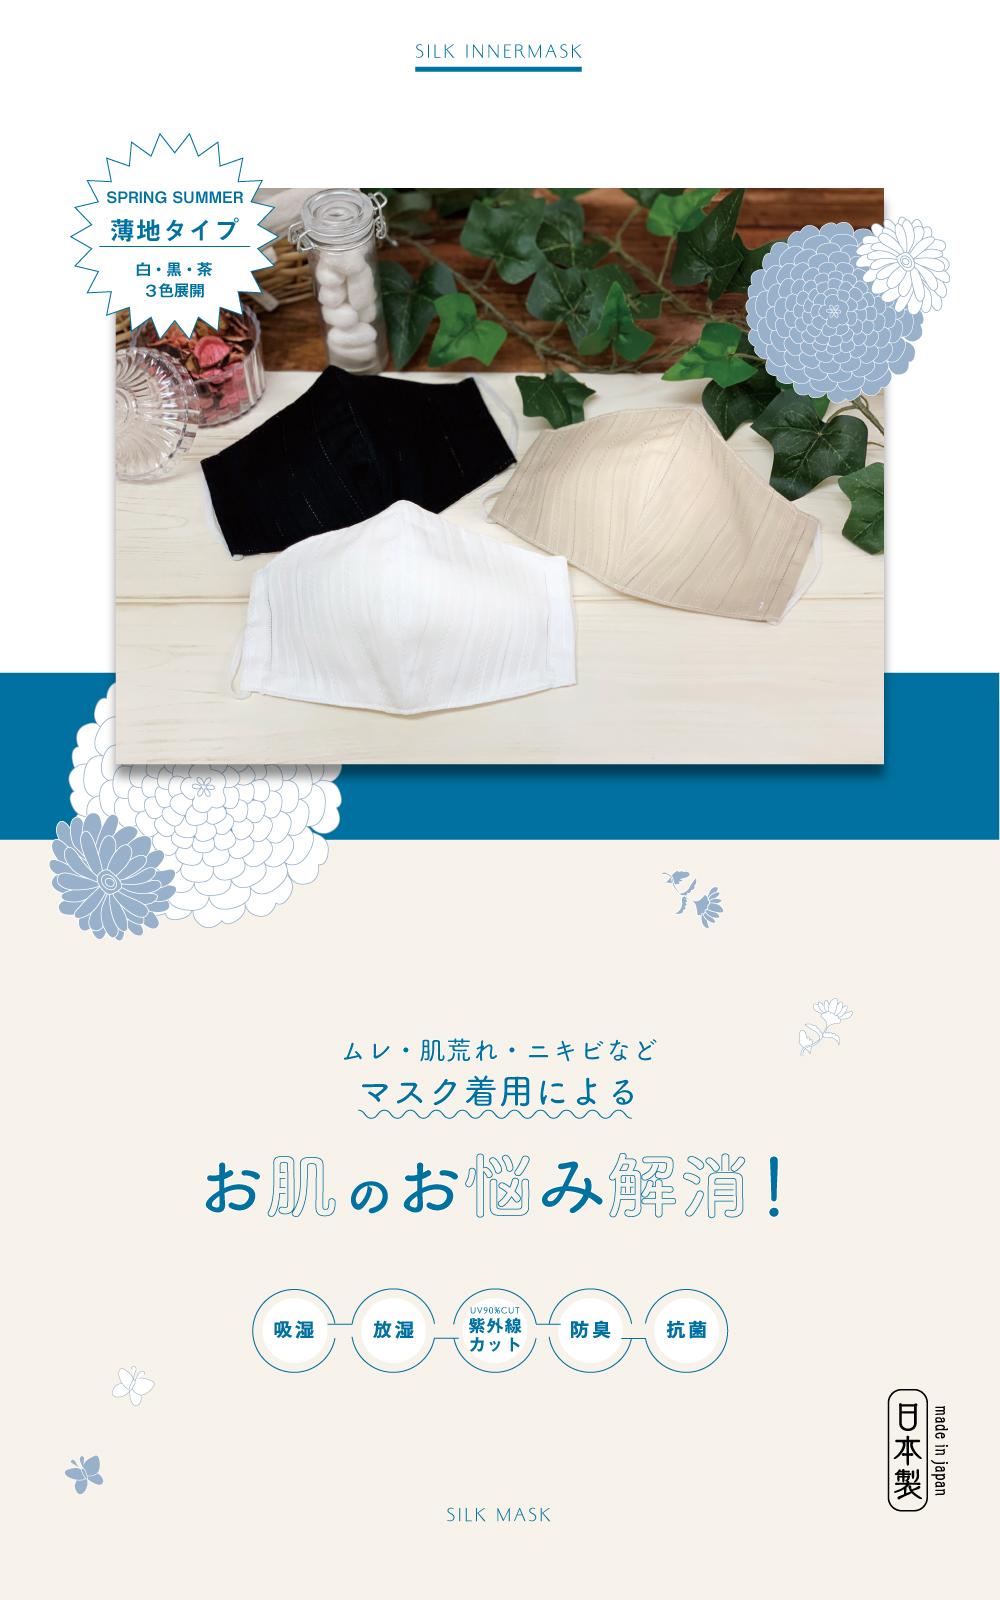 シルクマスク,シルクインナーマスク,日本製,立体,肌に優しい,布マスク,シルク,不織布,夏マスク,肌荒れ,ニキビ